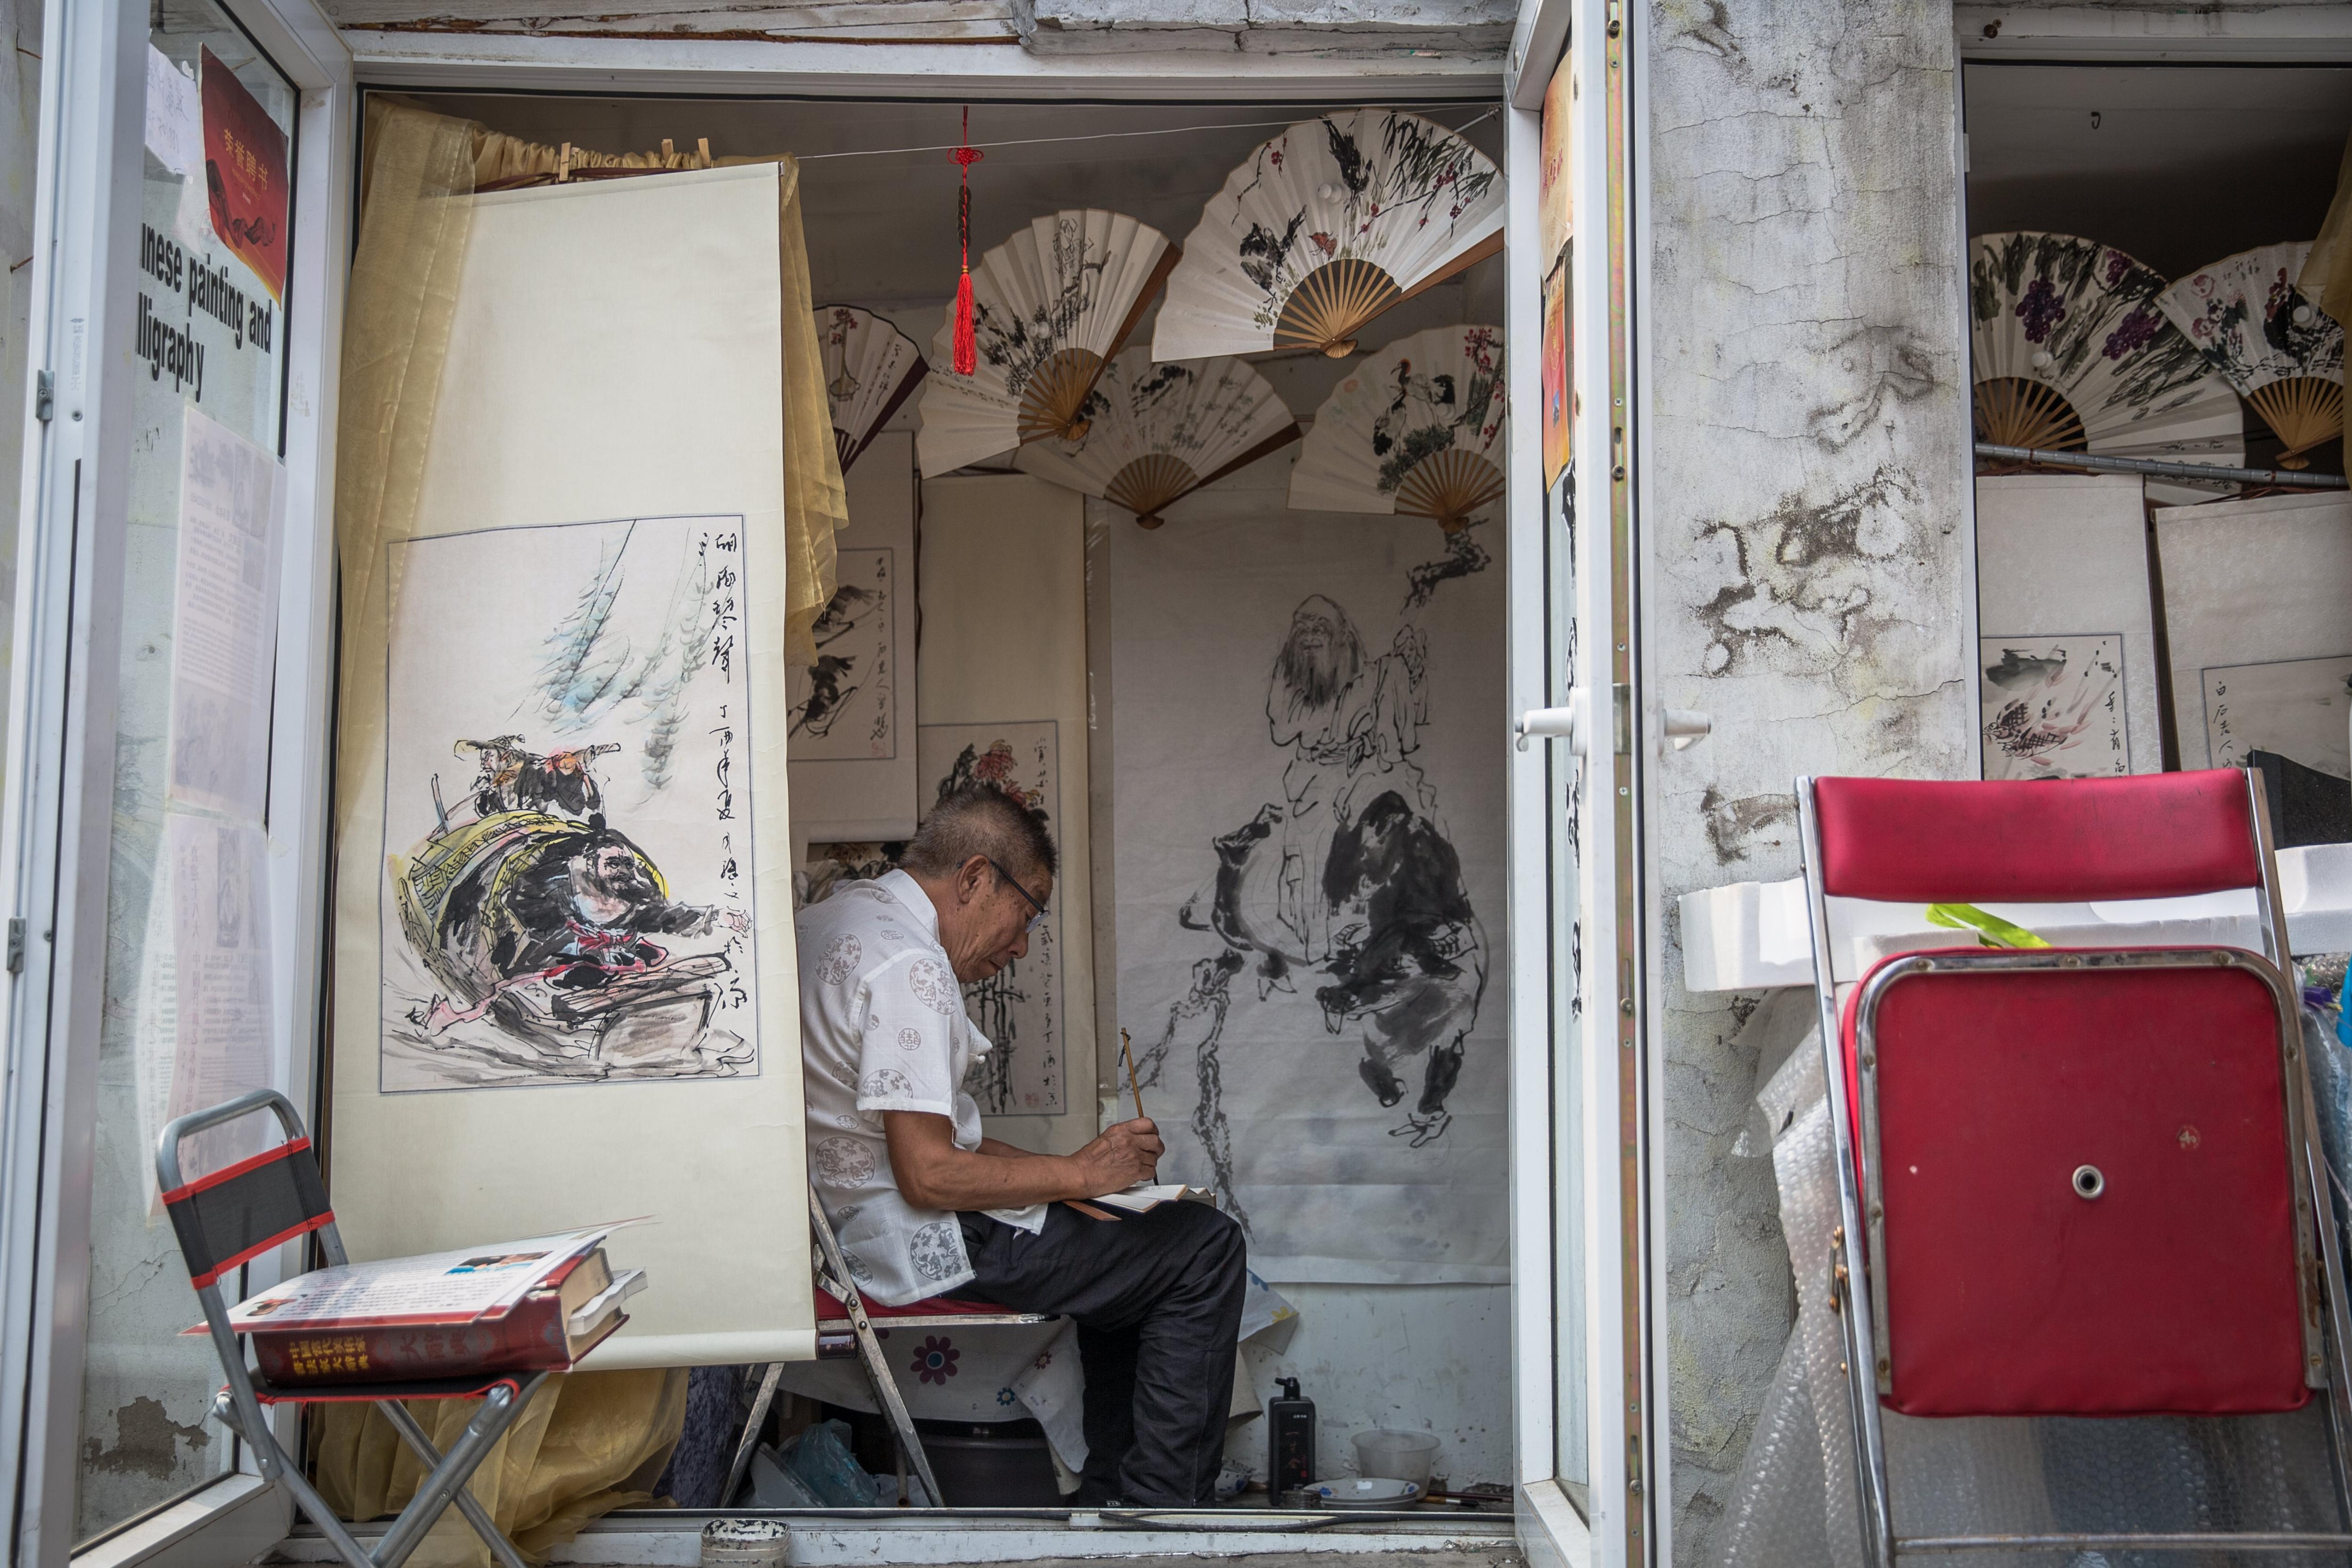 Un home pinta en el seu taller situat al barri Hutong de Pequín (Xina). /ROMAN PILIPEY